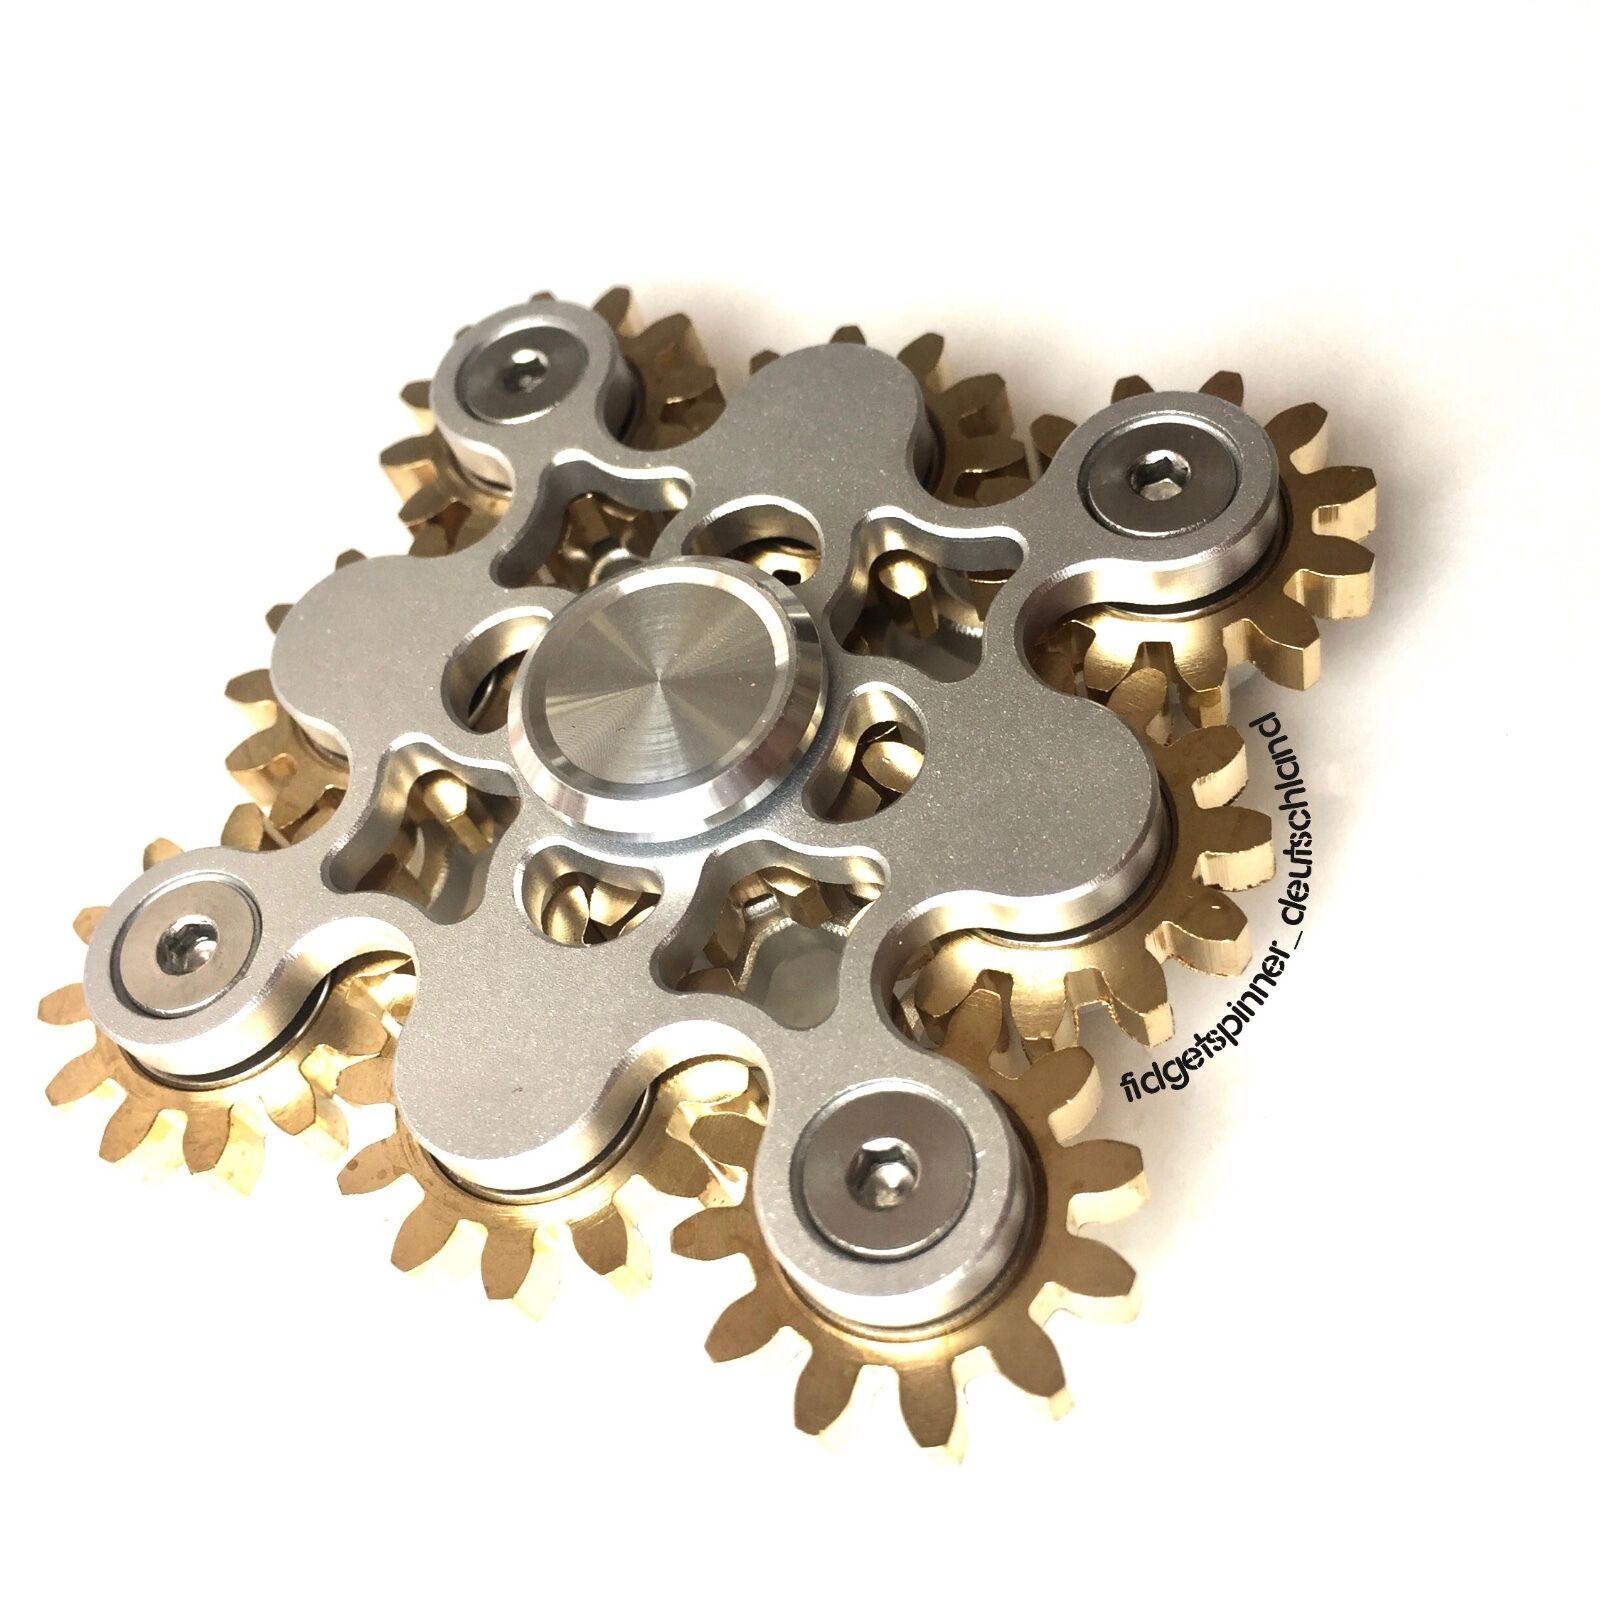 9 Zahnrad Fidget Spinner in black und silver   @fidgetspinner_deutschand